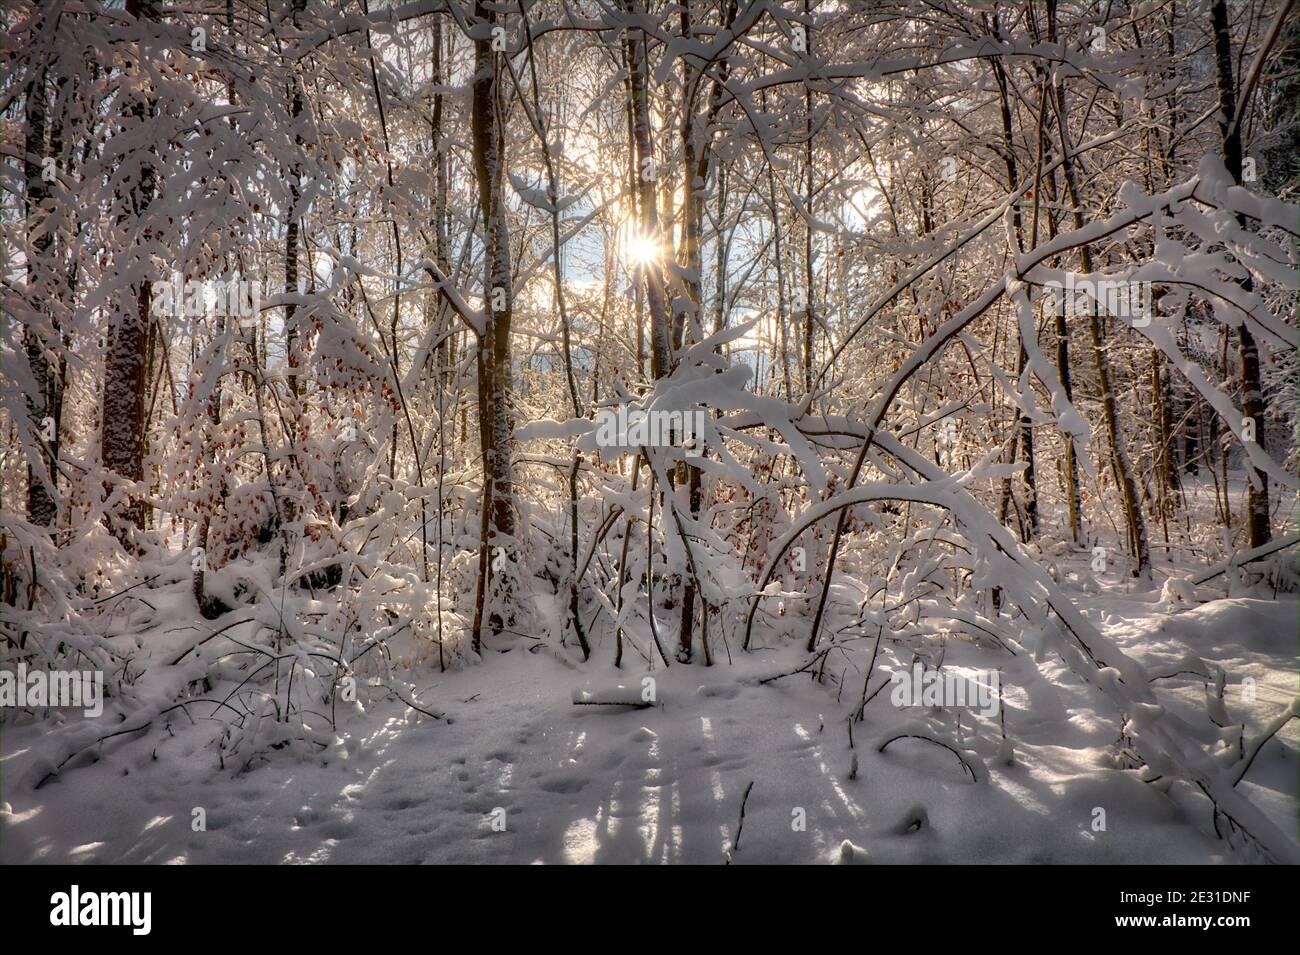 DE - BAVIÈRE: Scène d'hiver dans les bois de Pfannenholz près de Bad Toelz Banque D'Images